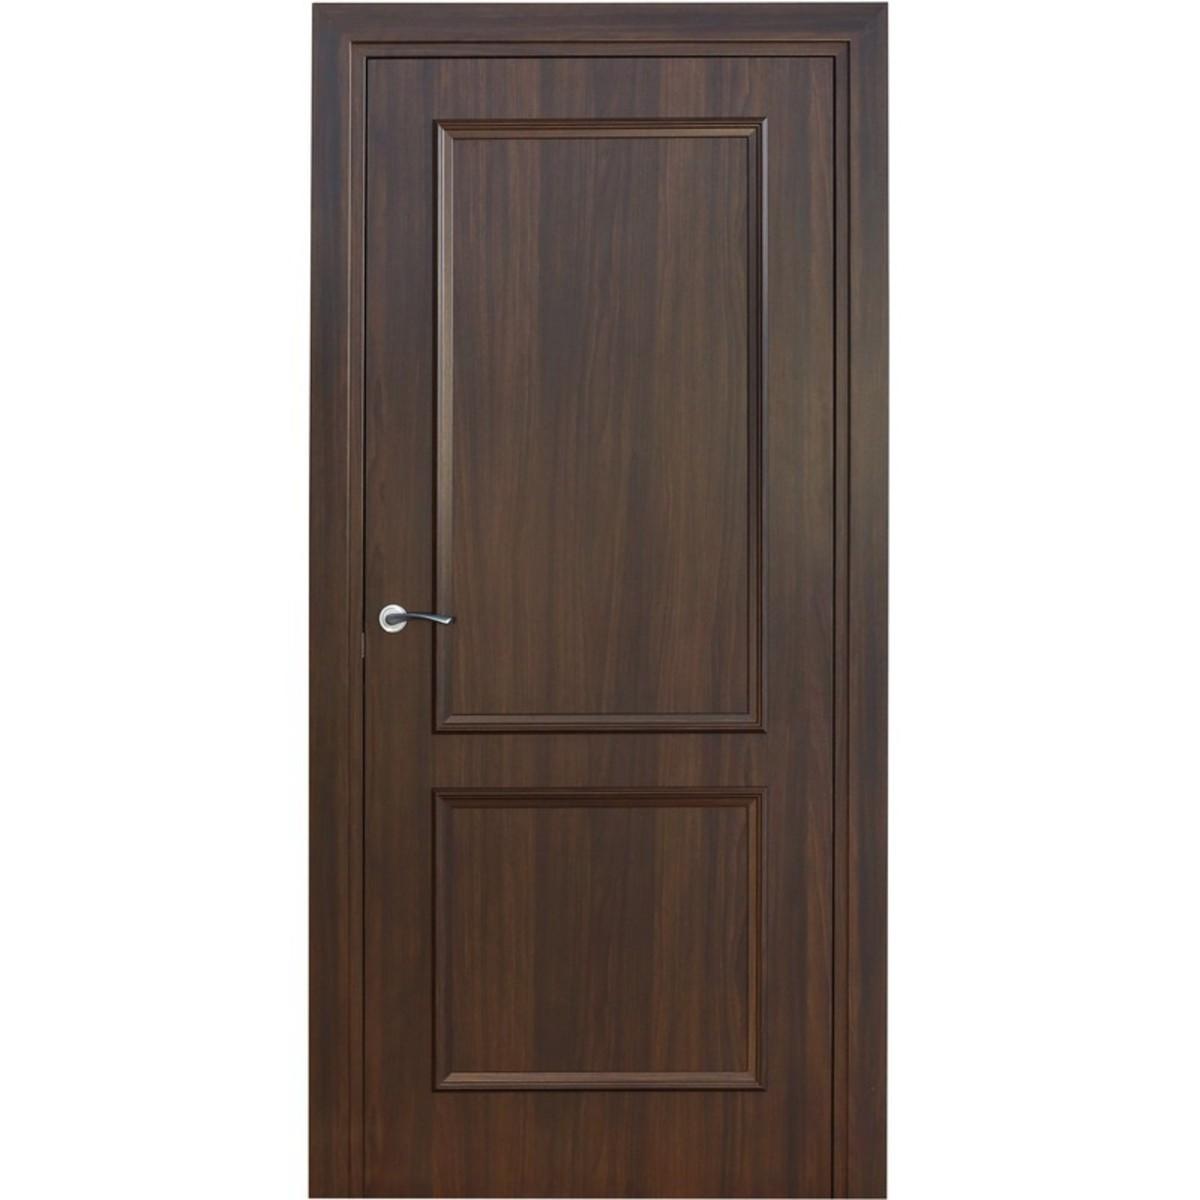 Дверь межкомнатная глухая Altro 90x200 см ламинация цвет орех марроне